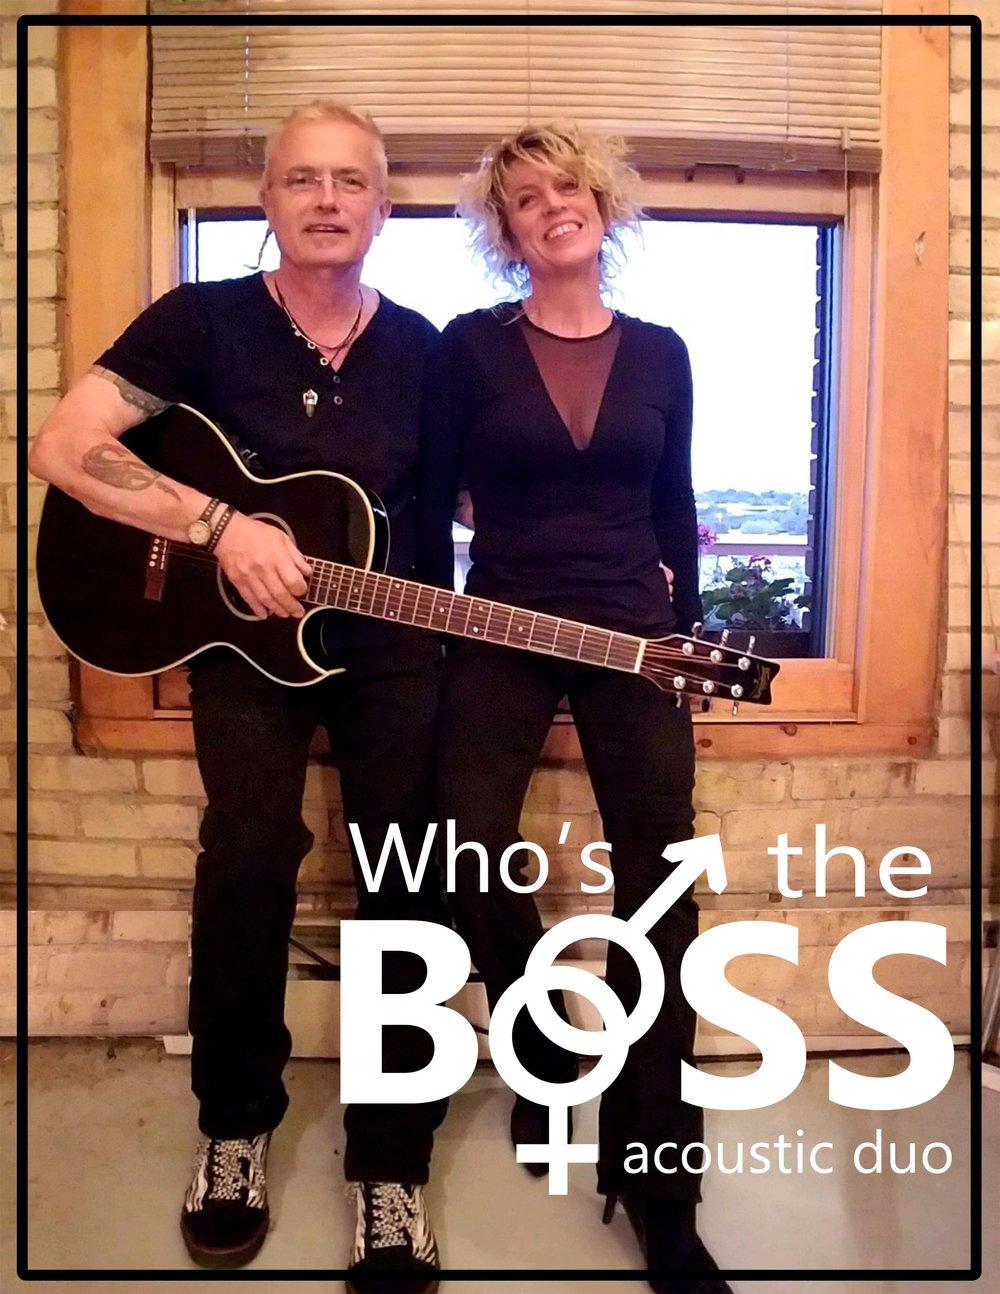 boss promo pg1 (002).jpg